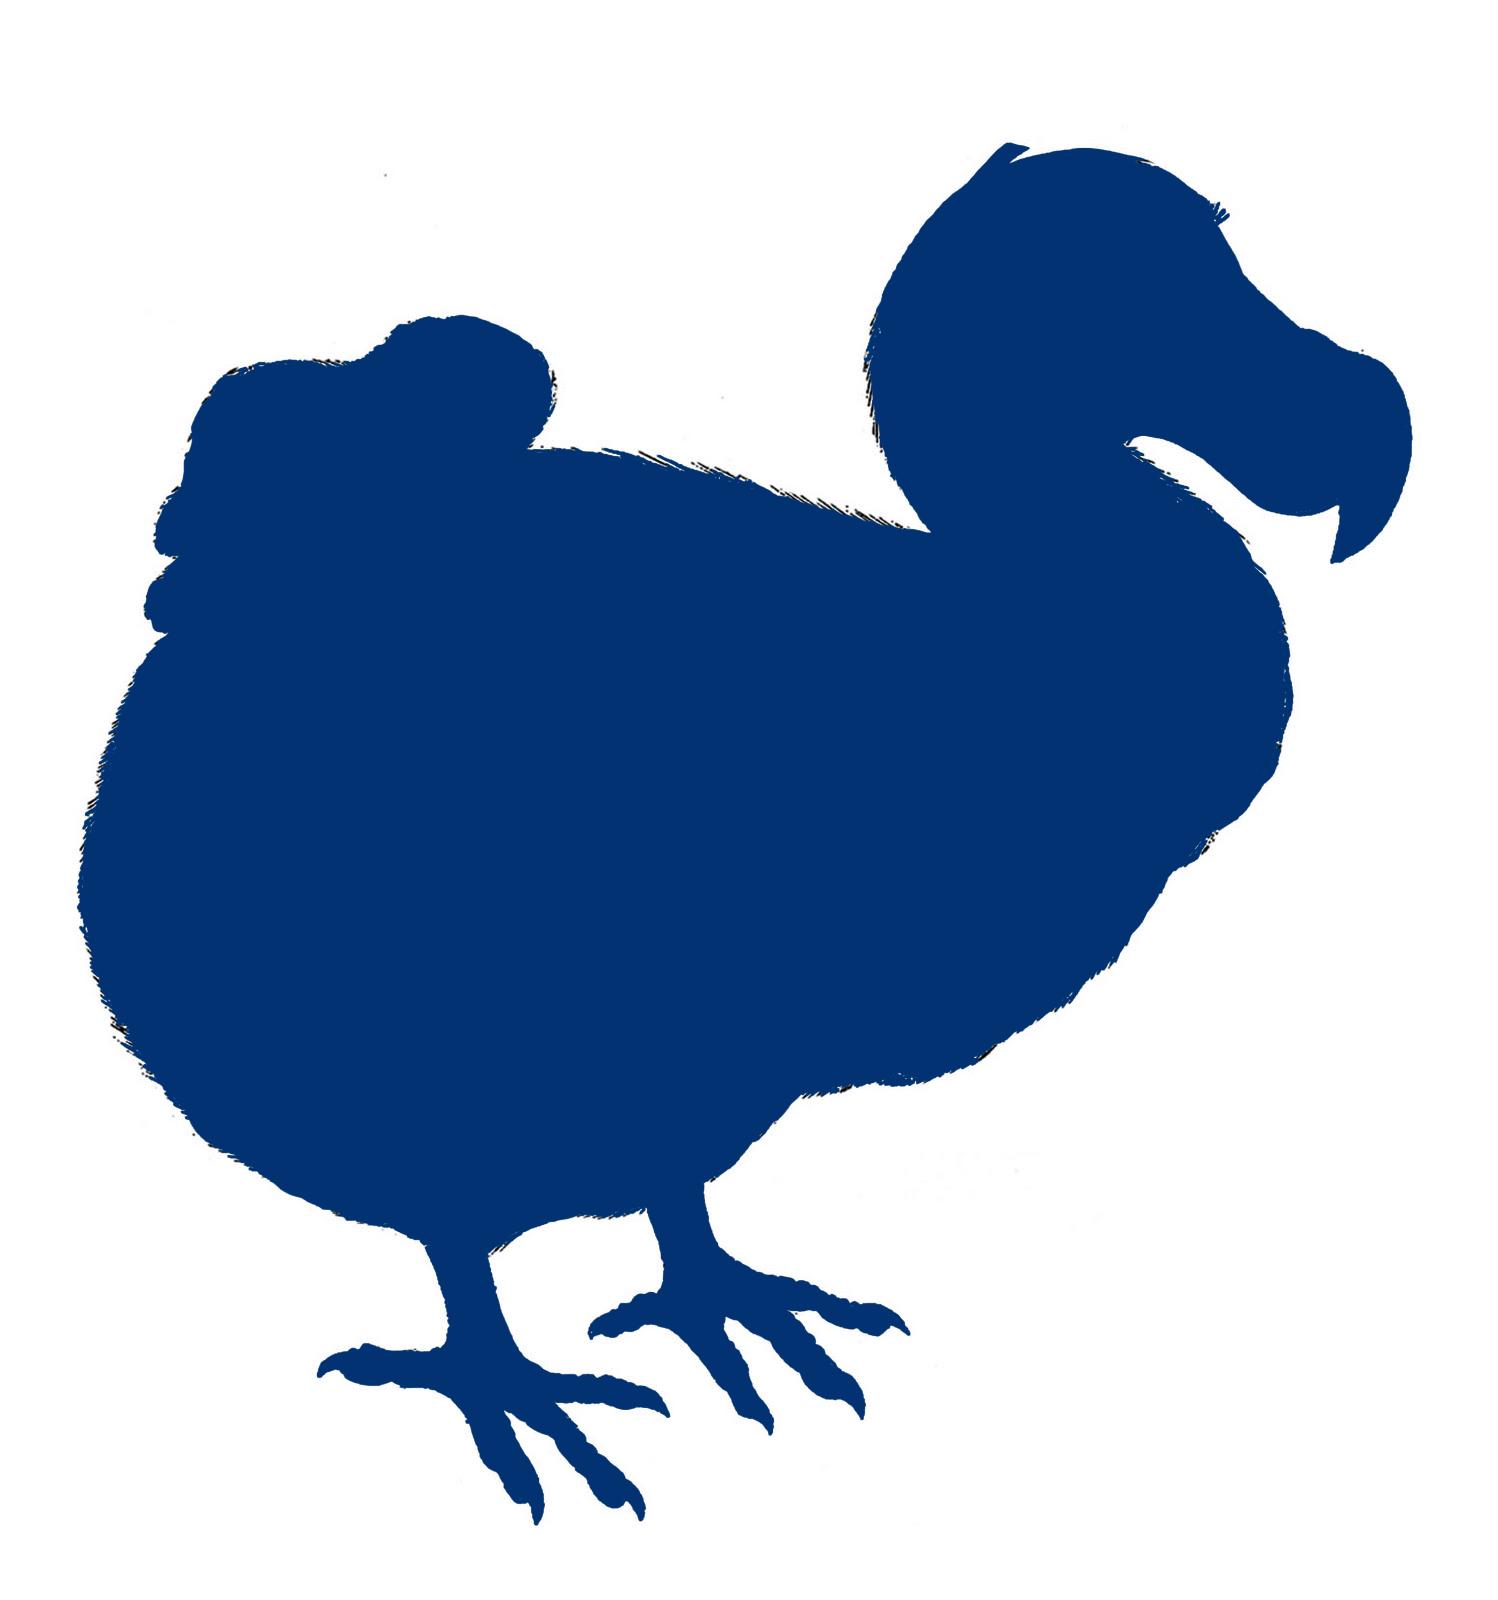 1498x1600 The Blue Dodo. Unique Home Decor, Art, Gifts, Accessories